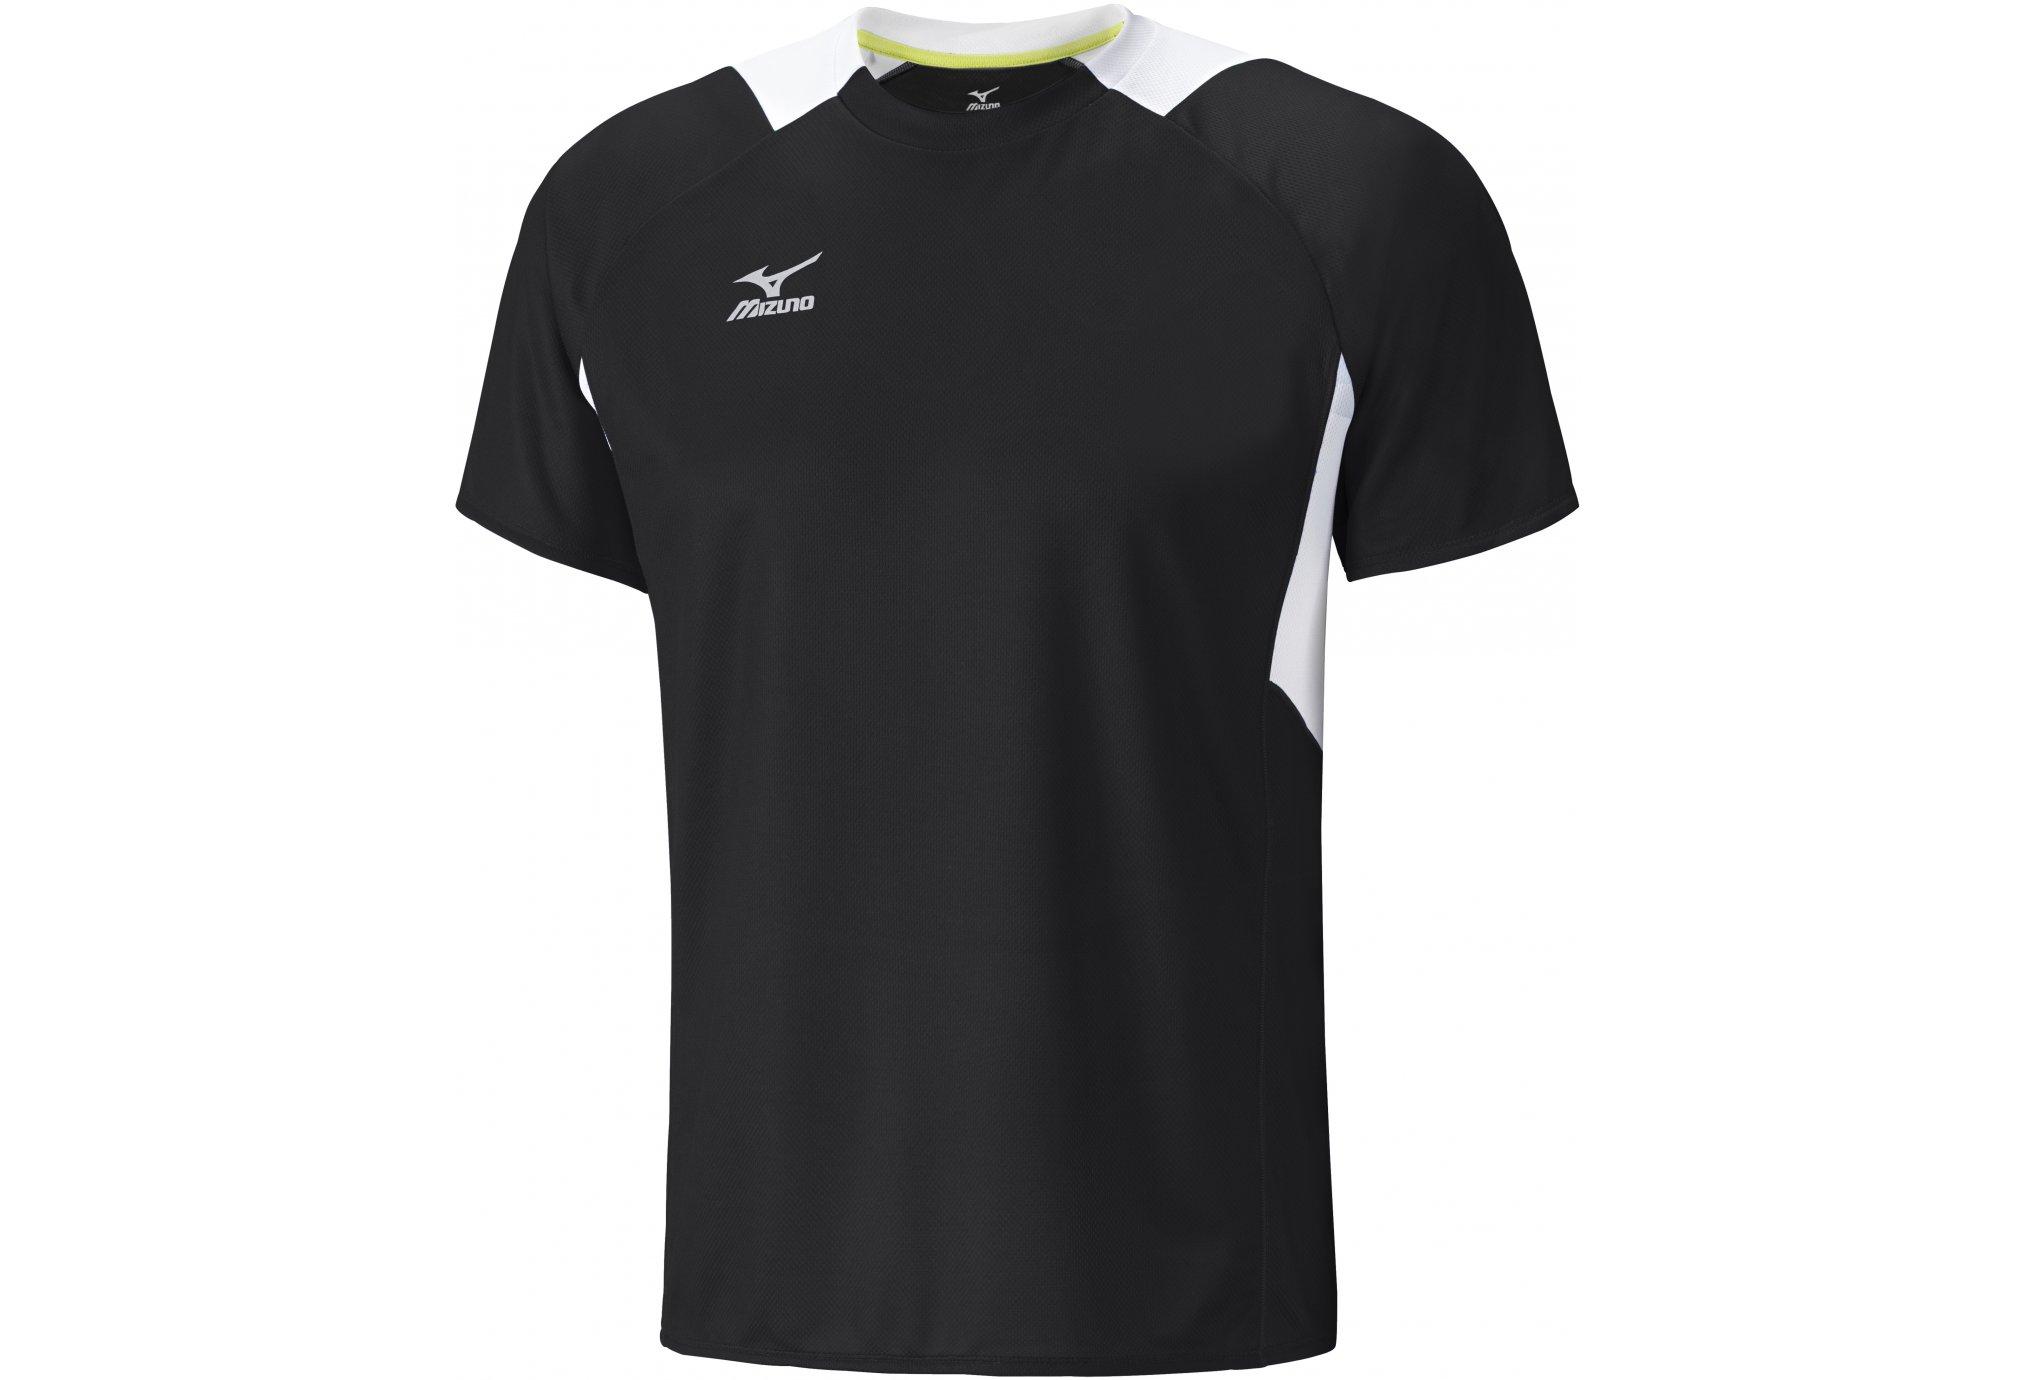 Mizuno Tee-Shirt Trad M Diététique Vêtements homme